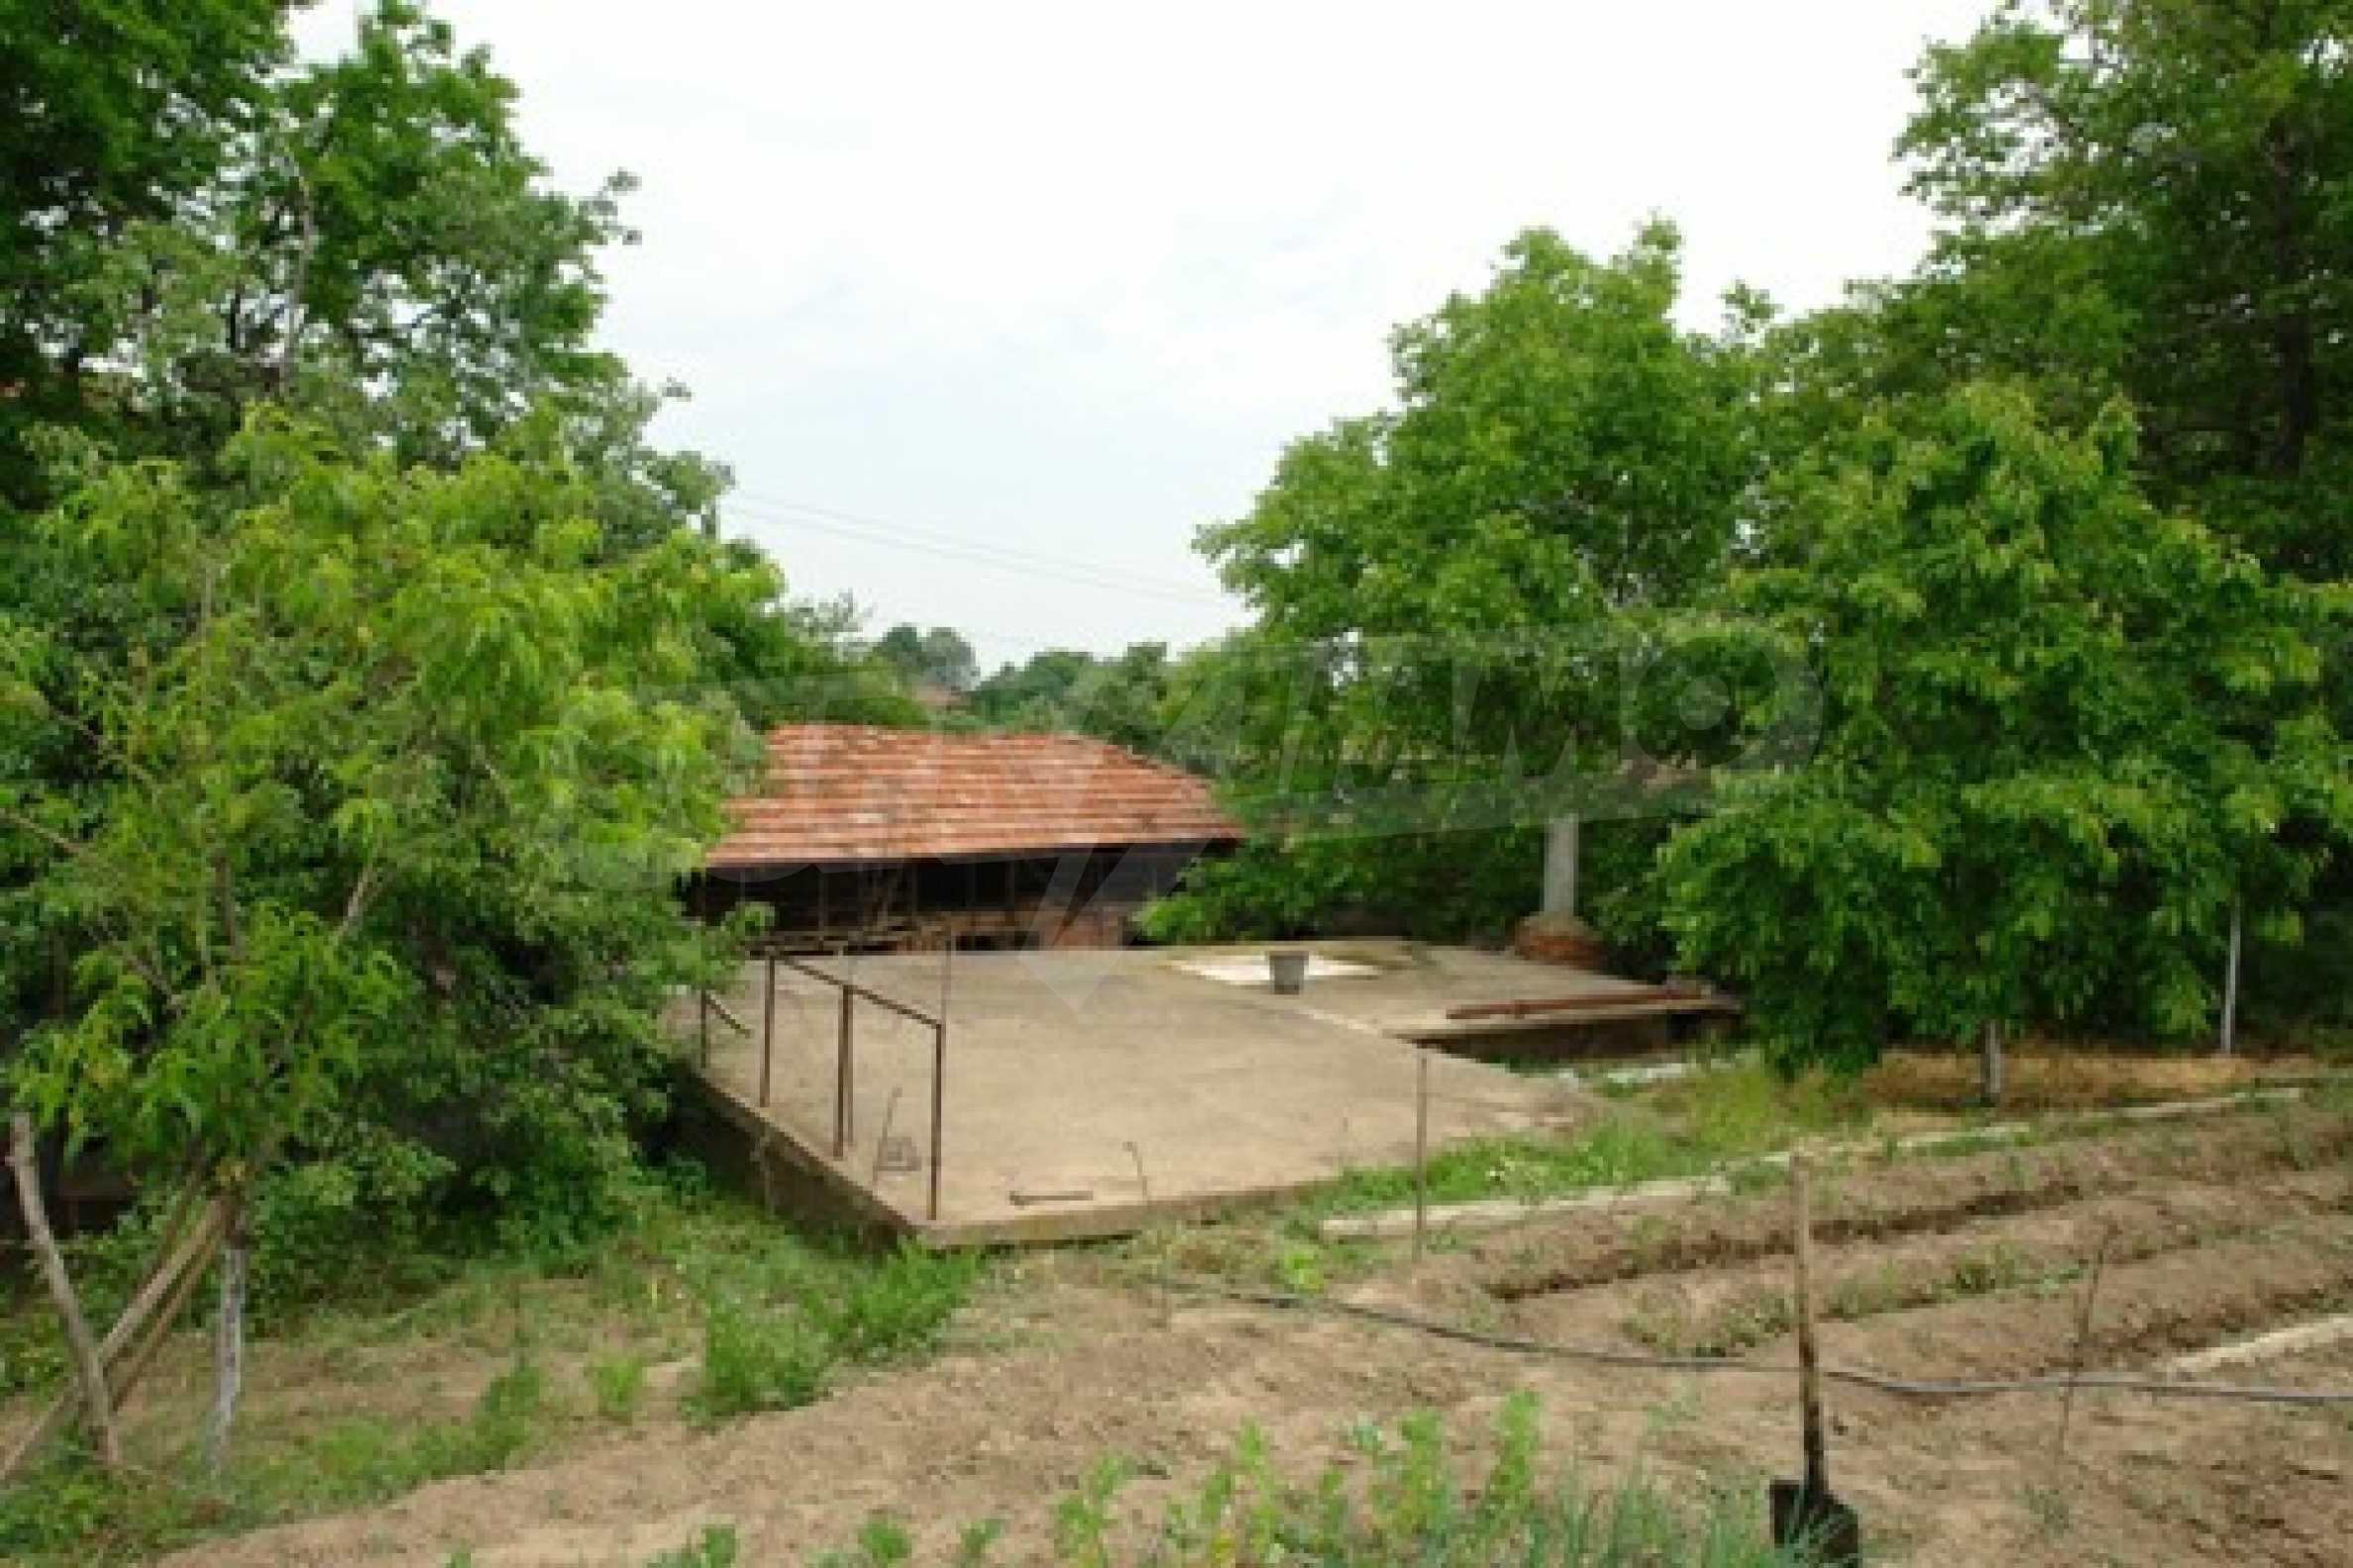 Geräumiges zweistöckiges Haus mit 4 Schlafzimmern im Dorf Trustenik, Rousse 15